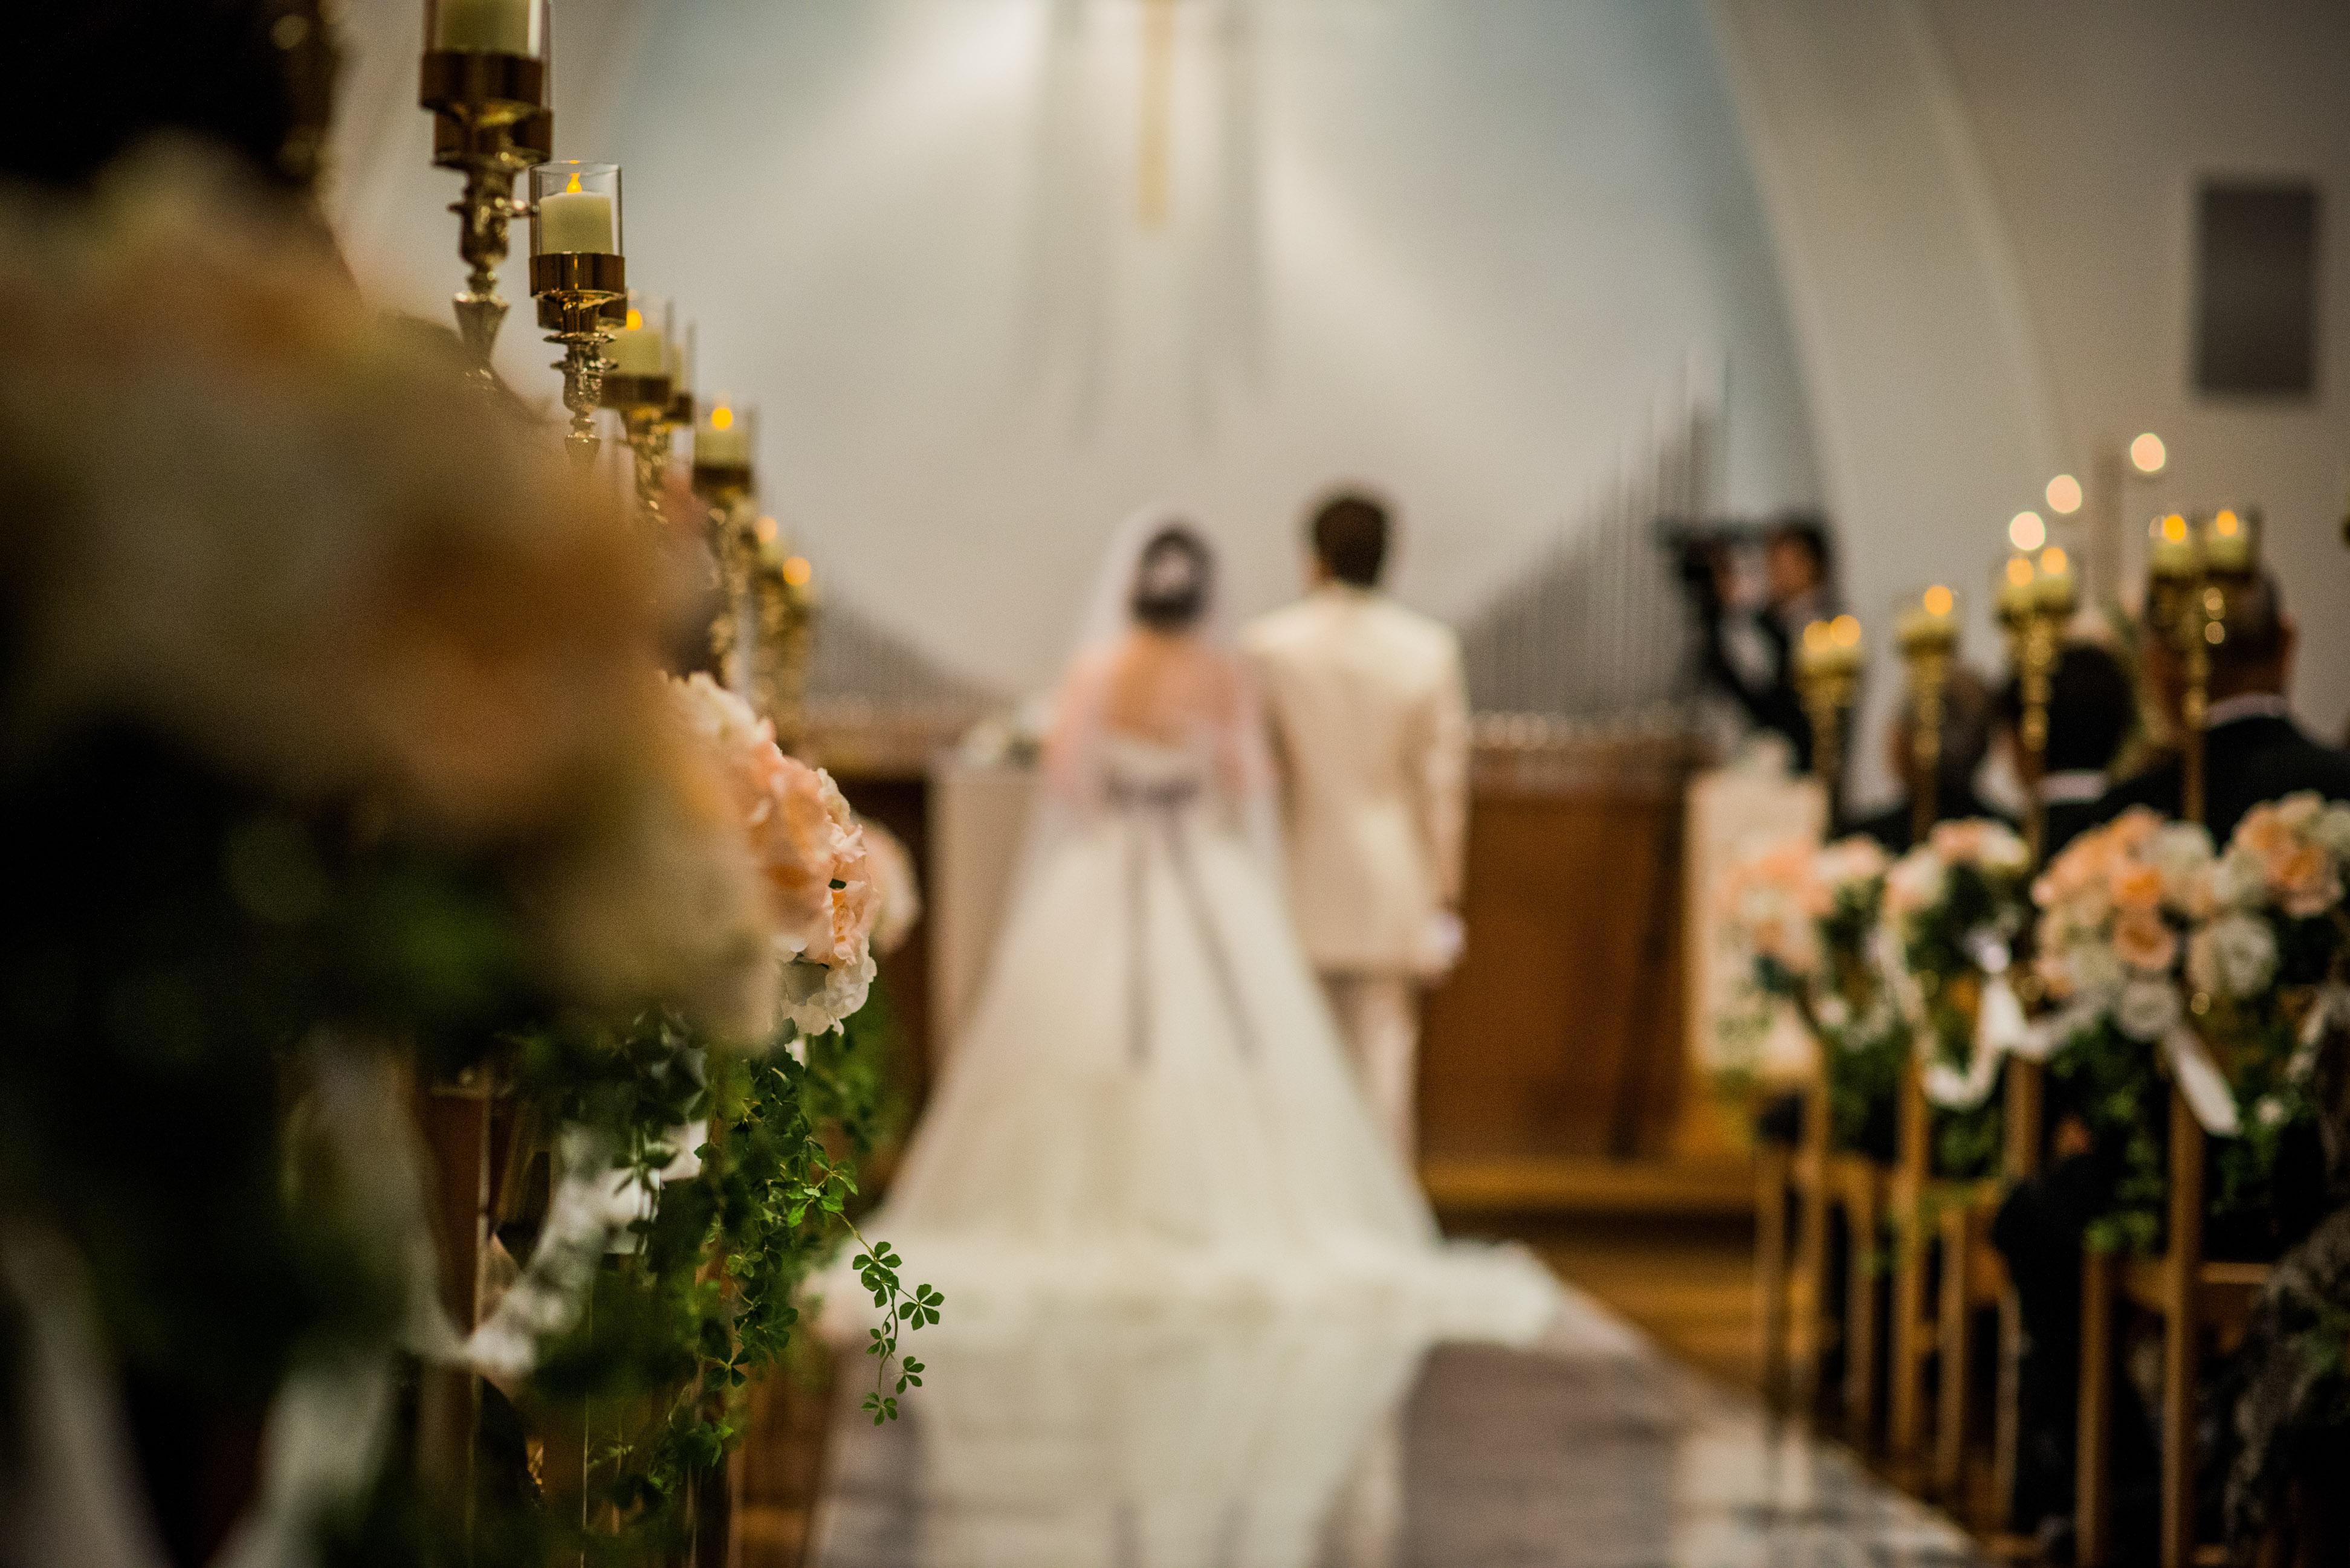 結婚式を挙げるメリット6選